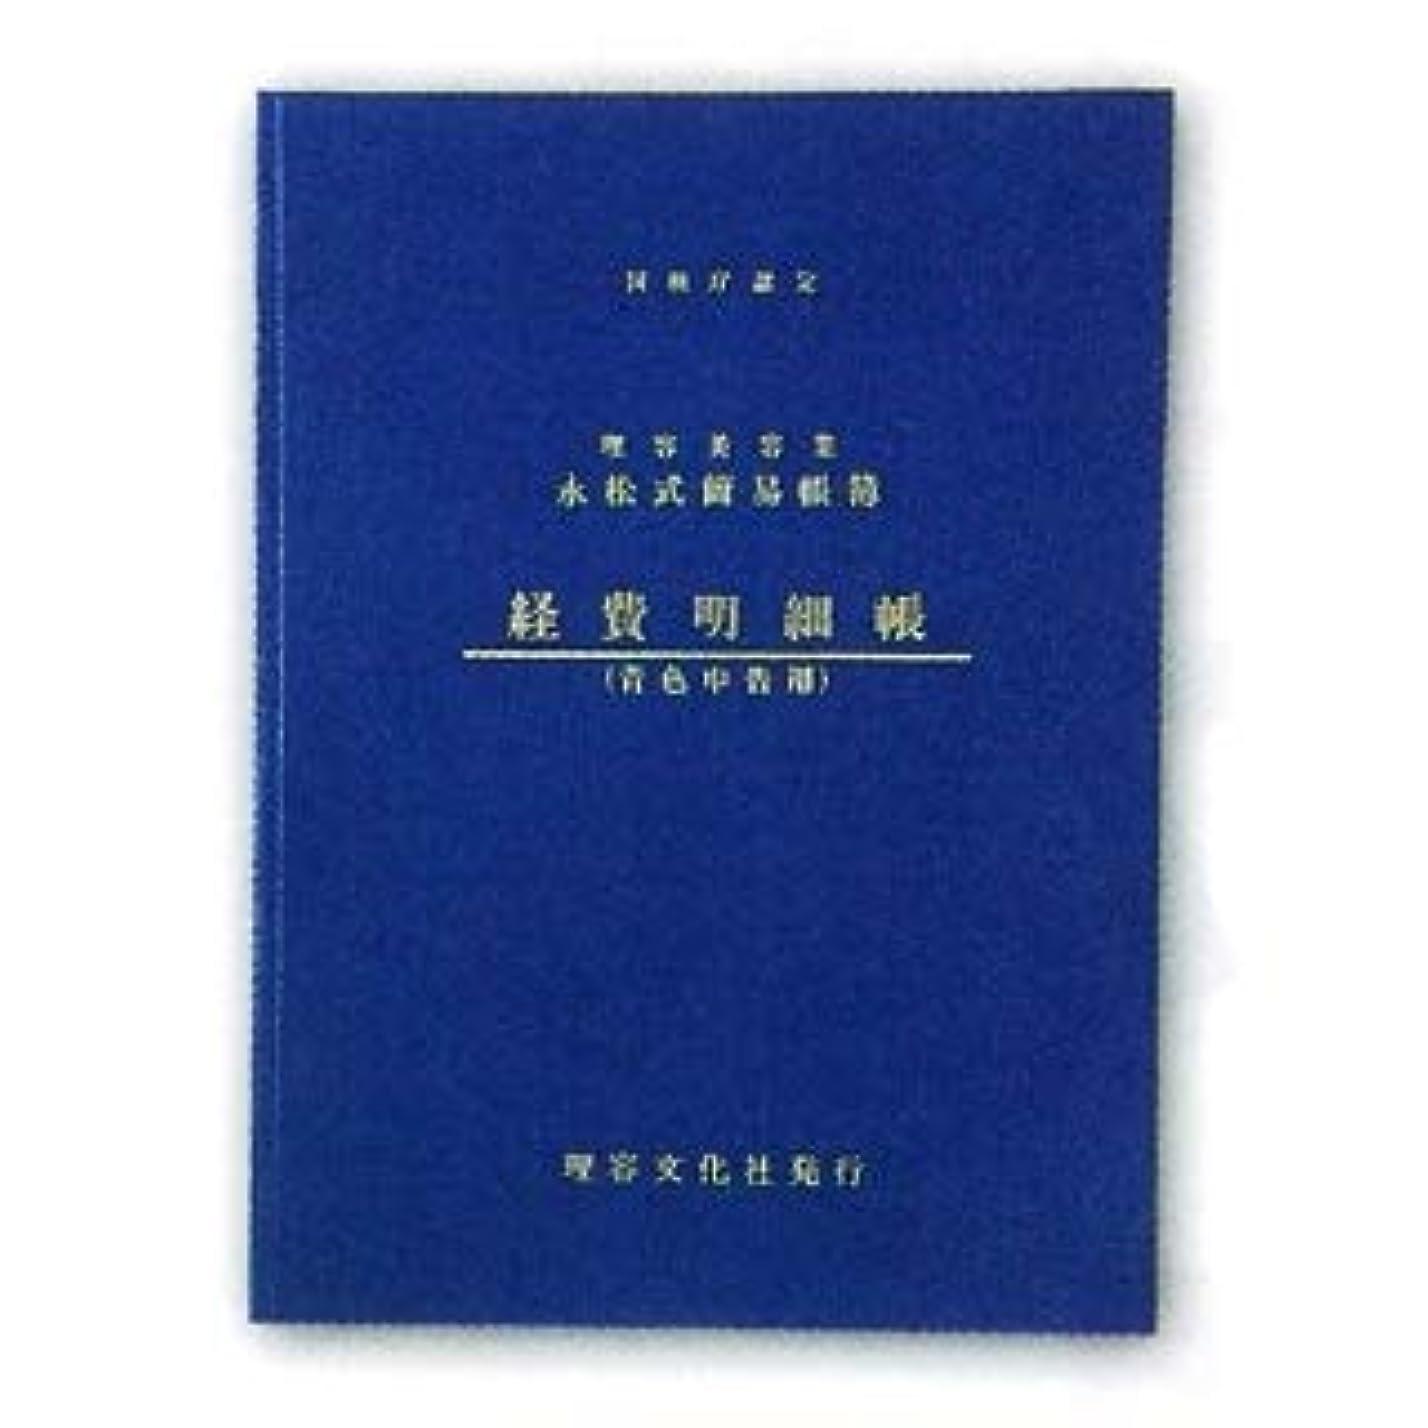 壁デコラティブ敗北永松式簡易帳簿 経費明細帳(青色申告用)